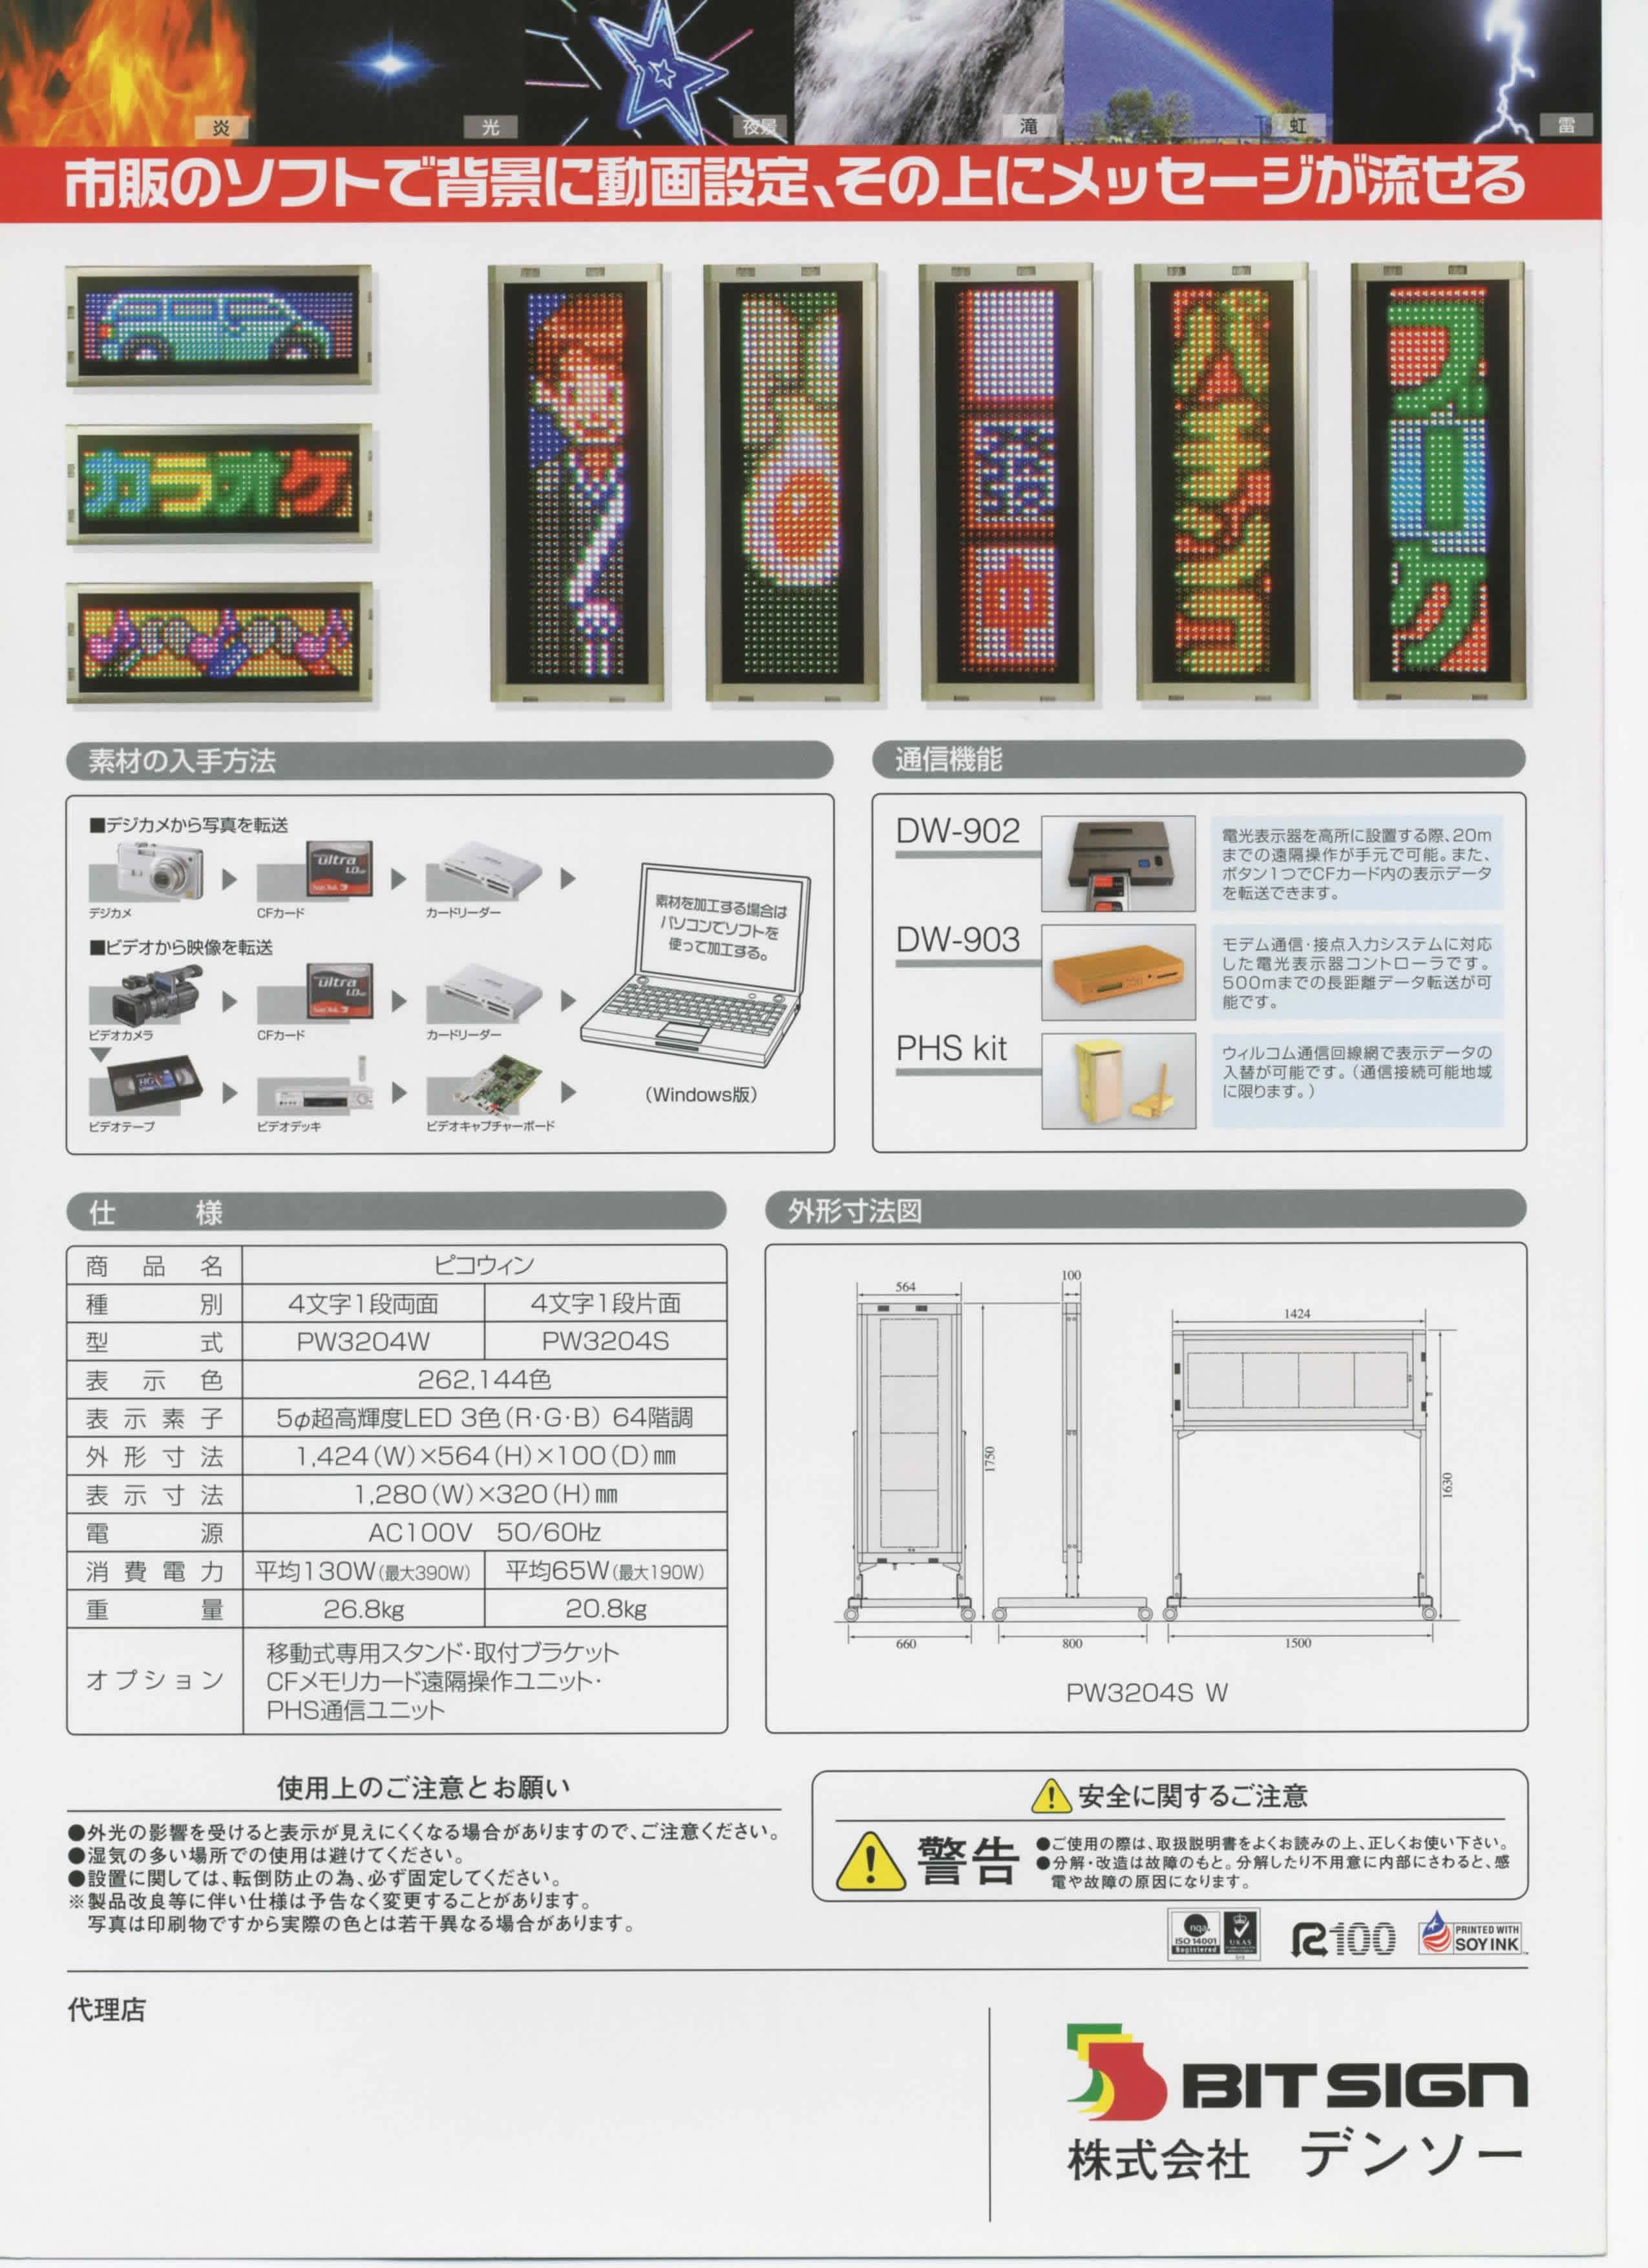 ピコウィン PW3204 アーキオプテリス・LED看板・電光掲示板